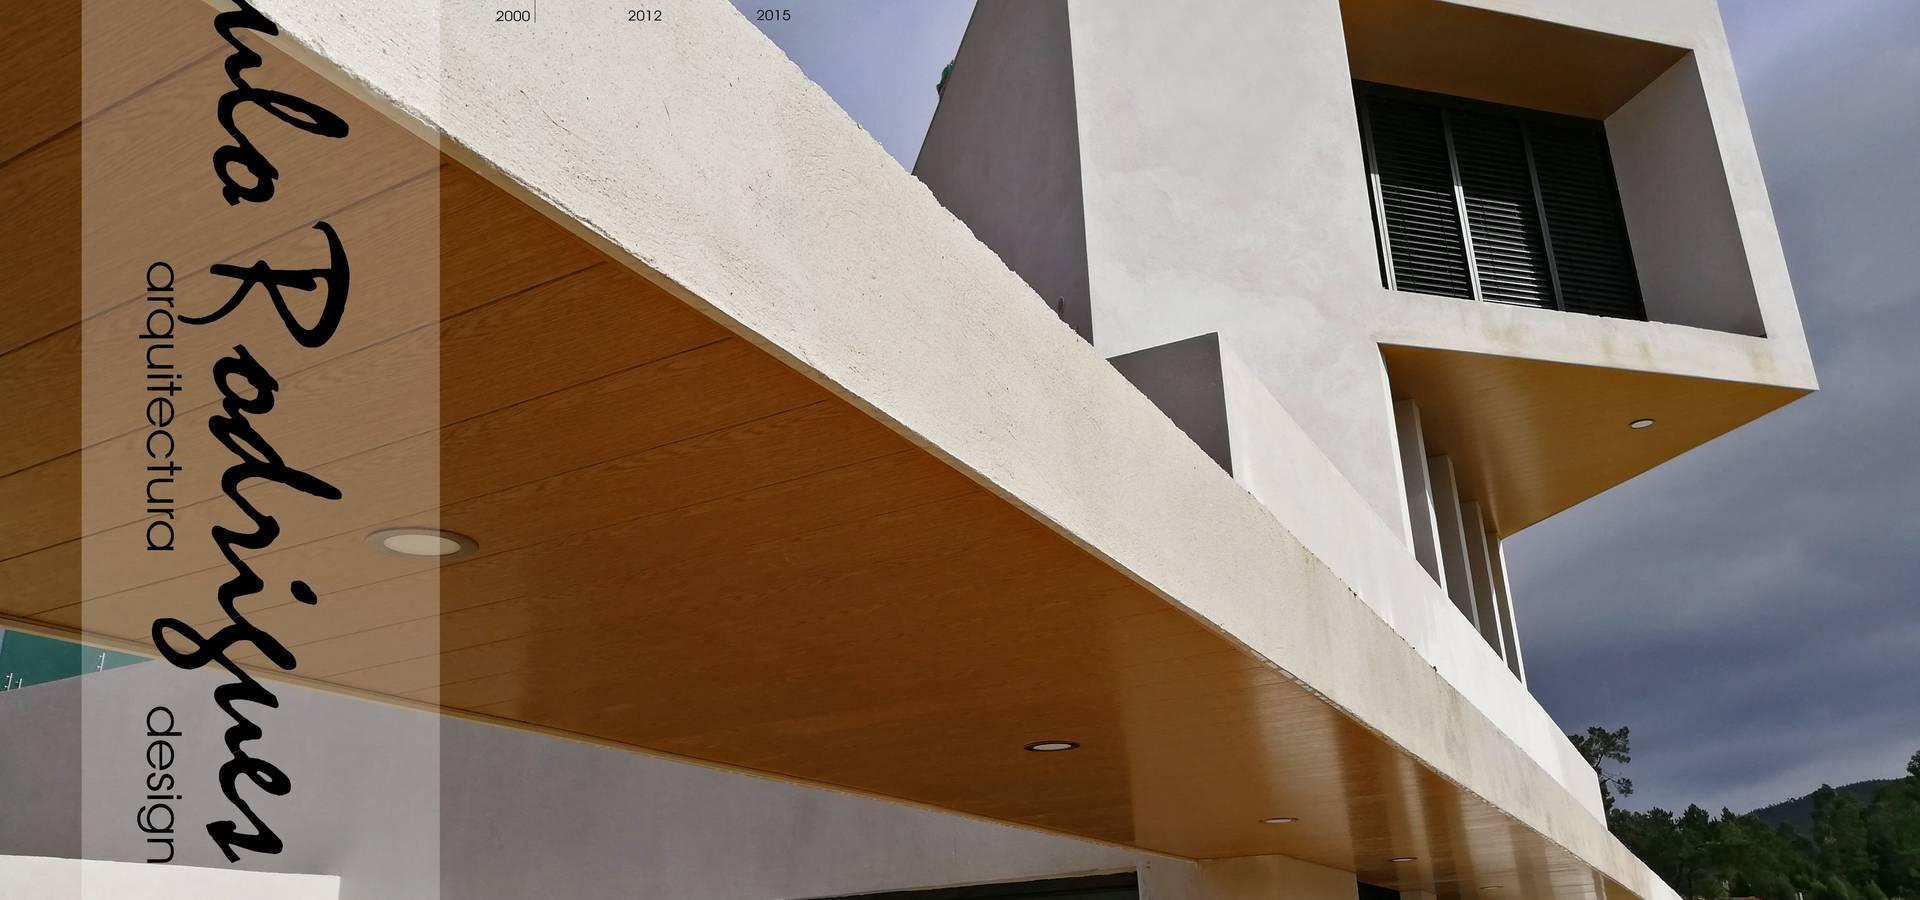 pr arquitectura